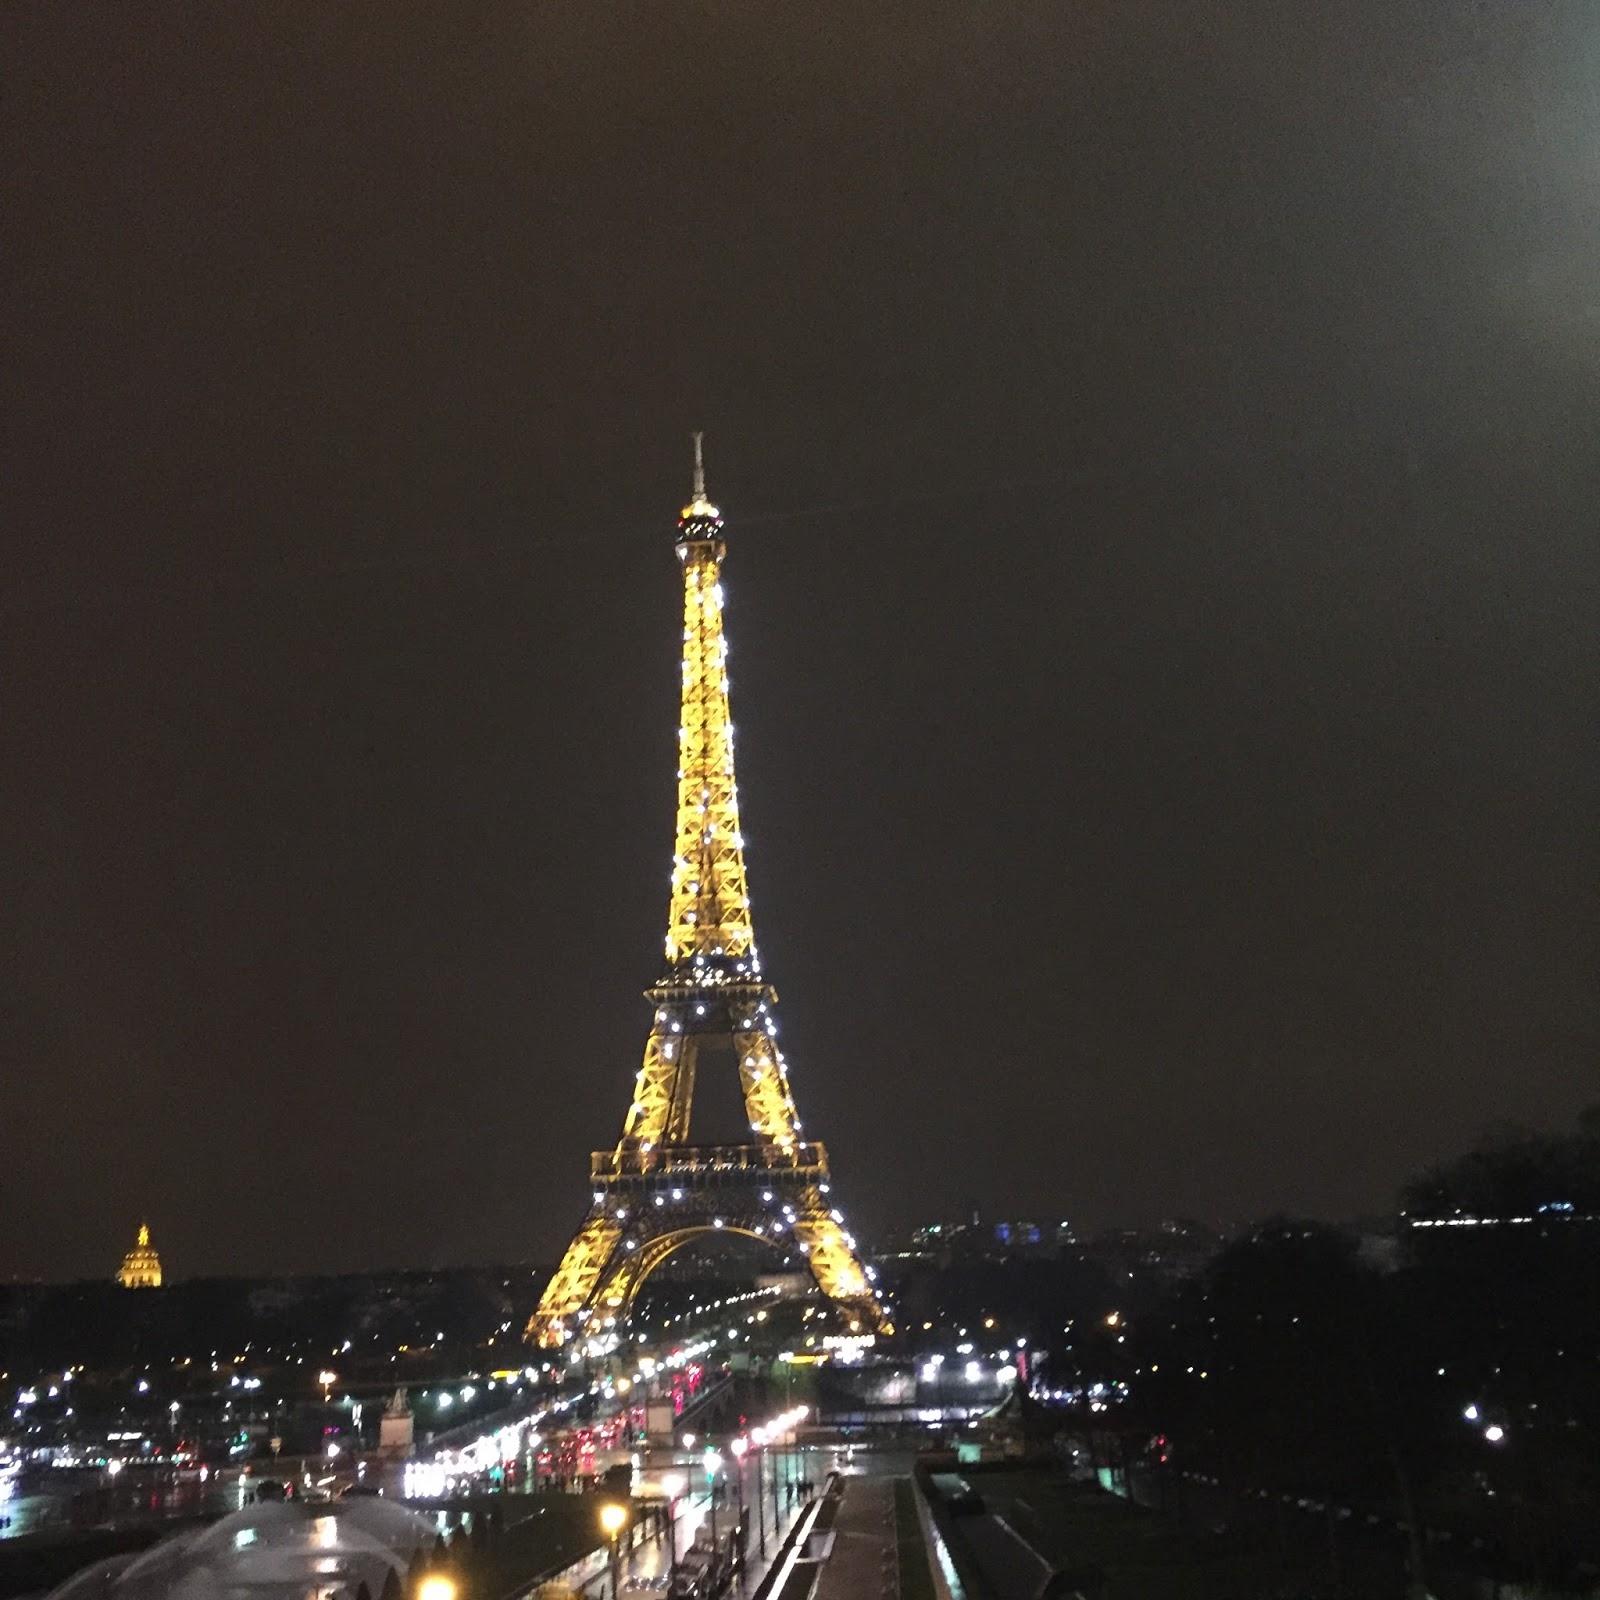 PARIS FASHION WEEK | TORRE EIFFEL